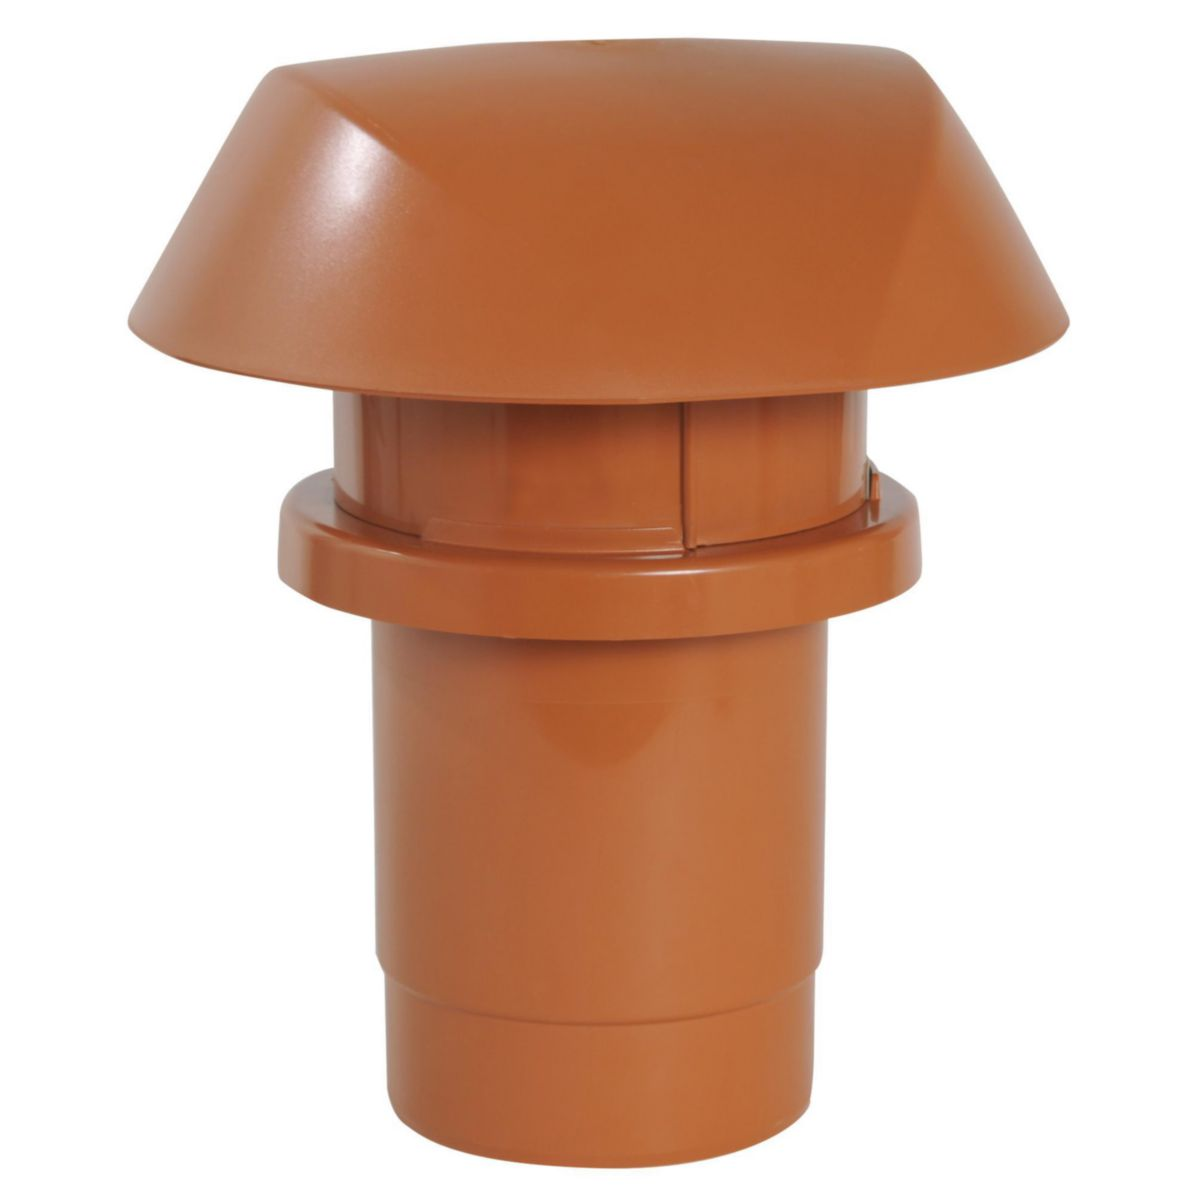 Point p tuiles simple closoir de ventilation rigide - Chapeau cheminee terre cuite ...